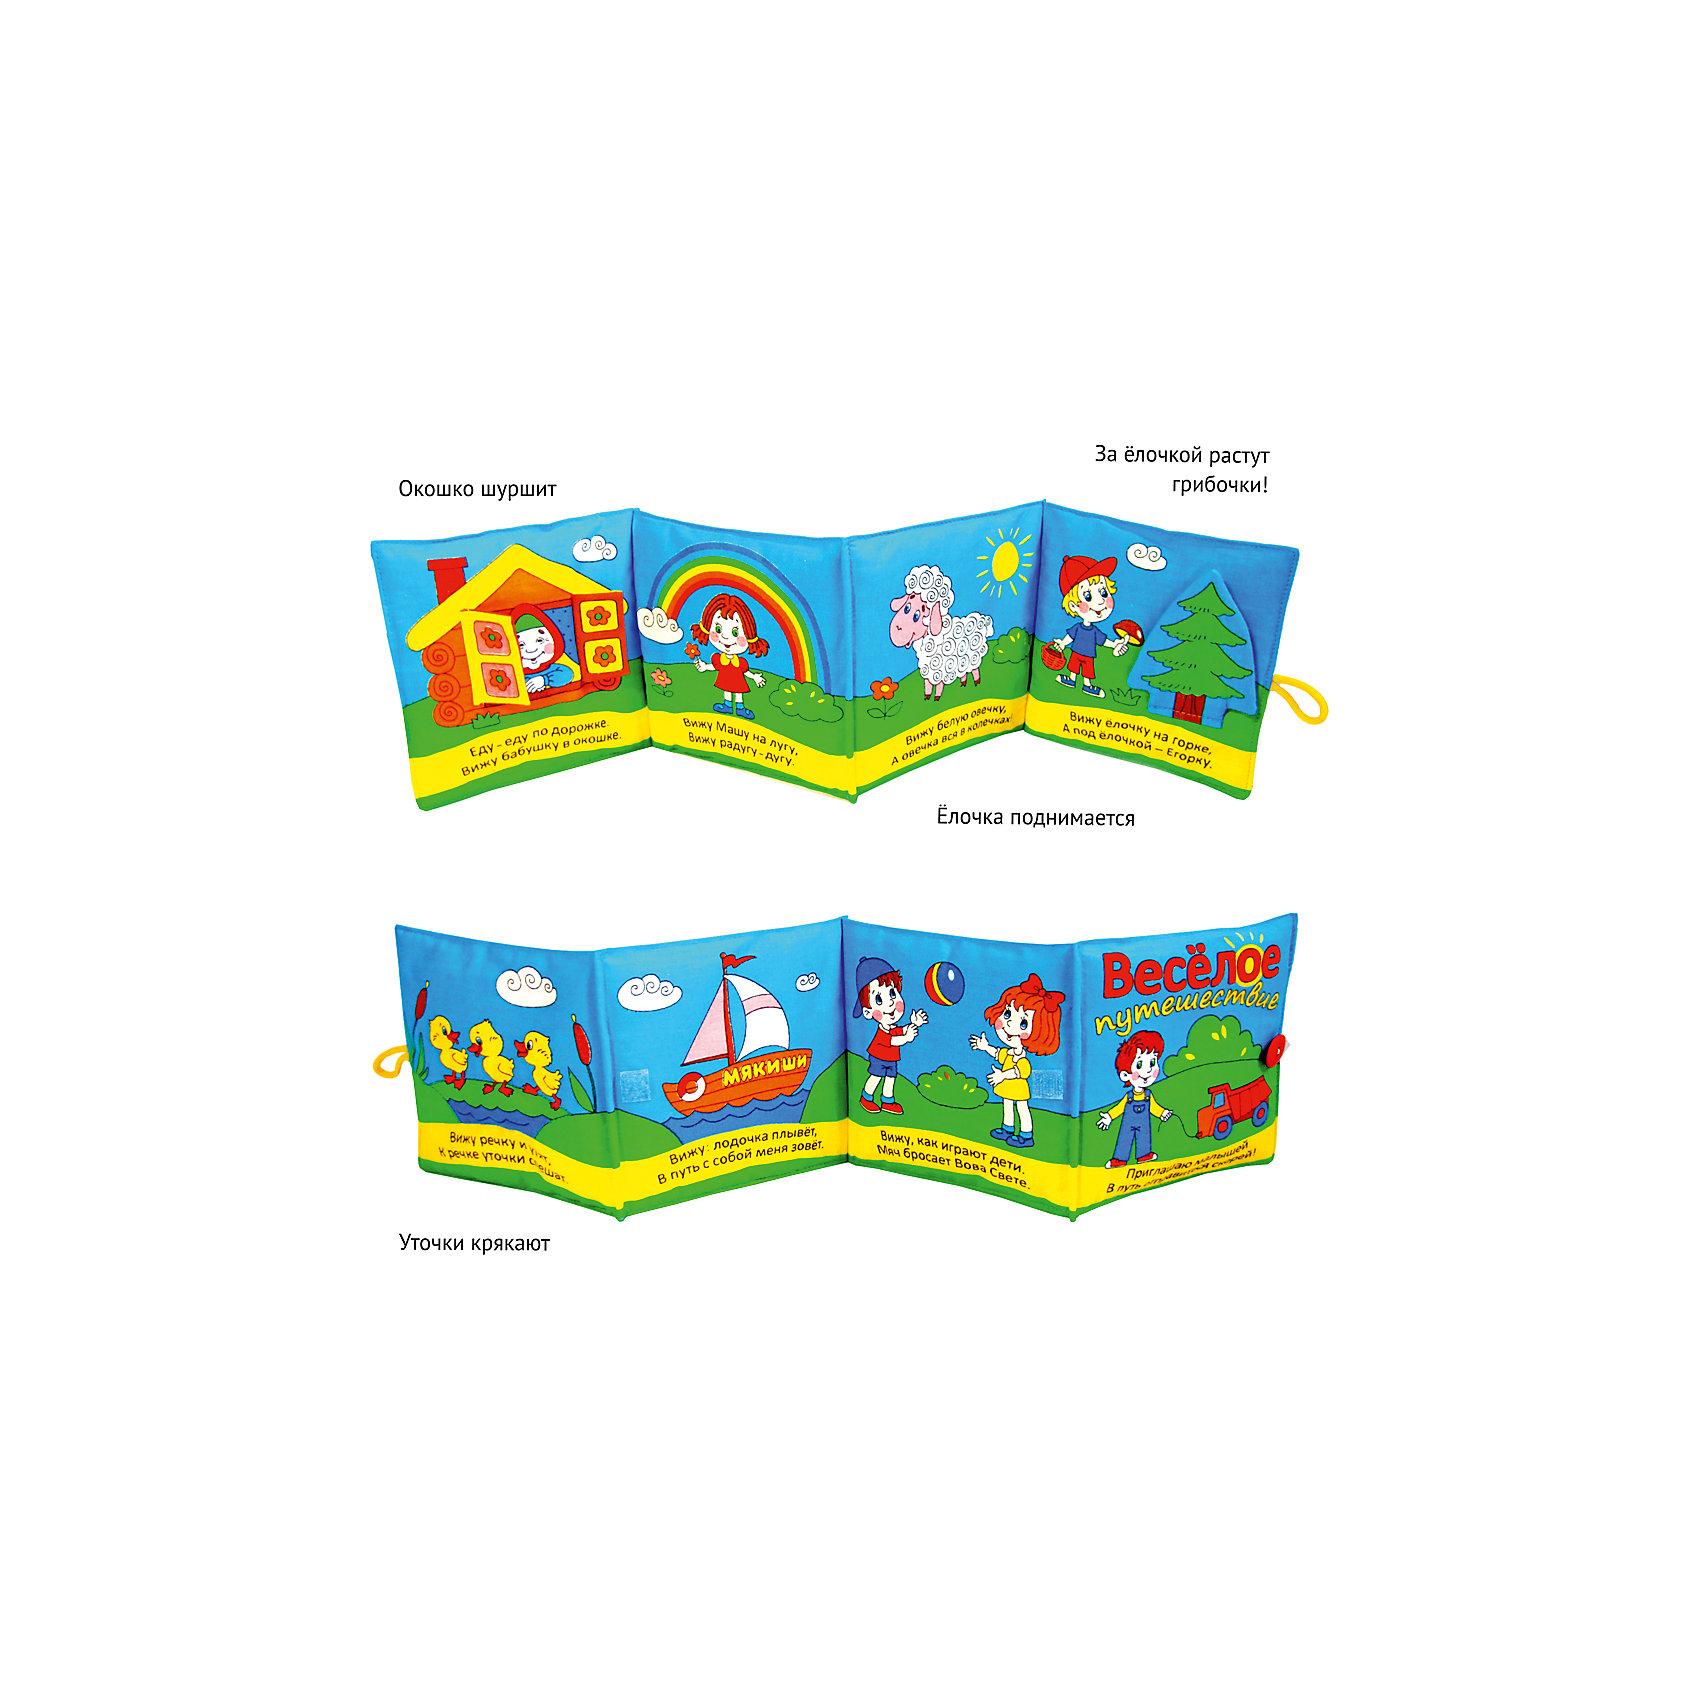 Мягкая книжка Веселое путешествие, МякишиХарактеристики товара:<br><br>• материал: текстиль<br>• комплектация: 1 шт<br>• размер игрушки: 15х15 см<br>• размер в открытом виде: 60х15 см<br>• звуковые эффекты<br>• развивающая игрушка<br>• развивающая игрушка<br>• упаковка: пакет<br>• страна бренда: РФ<br>• страна изготовитель: РФ<br><br>Малыши активно познают мир и тянутся к новой информации. Чтобы сделать процесс изучения окружающего пространства интереснее, ребенку можно подарить развивающие игрушки. В процессе игры информация усваивается намного лучше!<br>Такая книжка поможет занять малыша, играть с ней приятно и весело. Одновременно она позволит познакомиться со многими цветами, фактурами и предметами, которые ребенку предстоит встретить, а также изучить геометрические формы. Такие игрушки развивают тактильные ощущения, моторику, цветовосприятие, логику, воображение, учат фокусировать внимание. Каждое изделие абсолютно безопасно – оно создано из качественной ткани с мягким наполнителем. Игрушки производятся из качественных и проверенных материалов, которые безопасны для детей.<br><br>Мягкую книжку «Веселое путешествие» от бренда Мякиши можно купить в нашем интернет-магазине.<br><br>Ширина мм: 150<br>Глубина мм: 100<br>Высота мм: 150<br>Вес г: 100<br>Возраст от месяцев: 12<br>Возраст до месяцев: 36<br>Пол: Унисекс<br>Возраст: Детский<br>SKU: 5183180